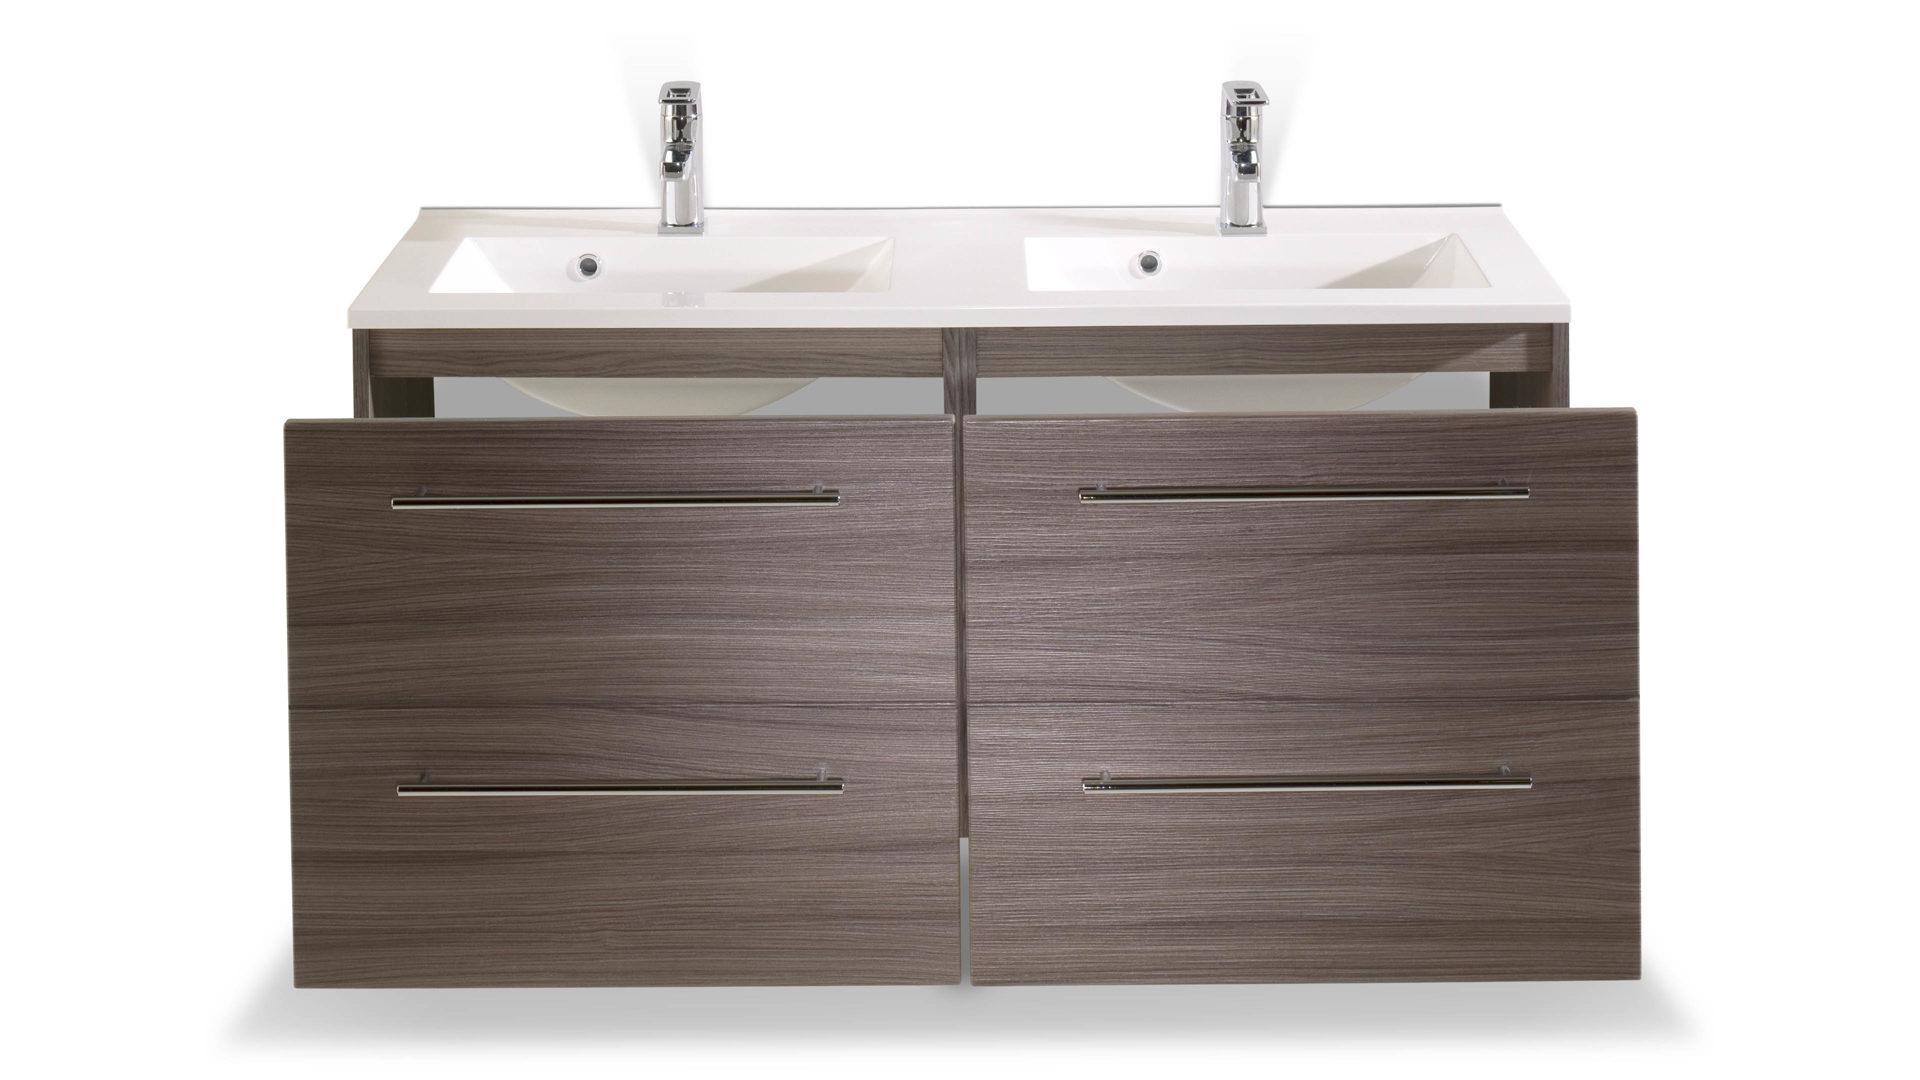 Waschtisch-Set Mailand, ein Badmöbel mit Komfort, dunkel ...